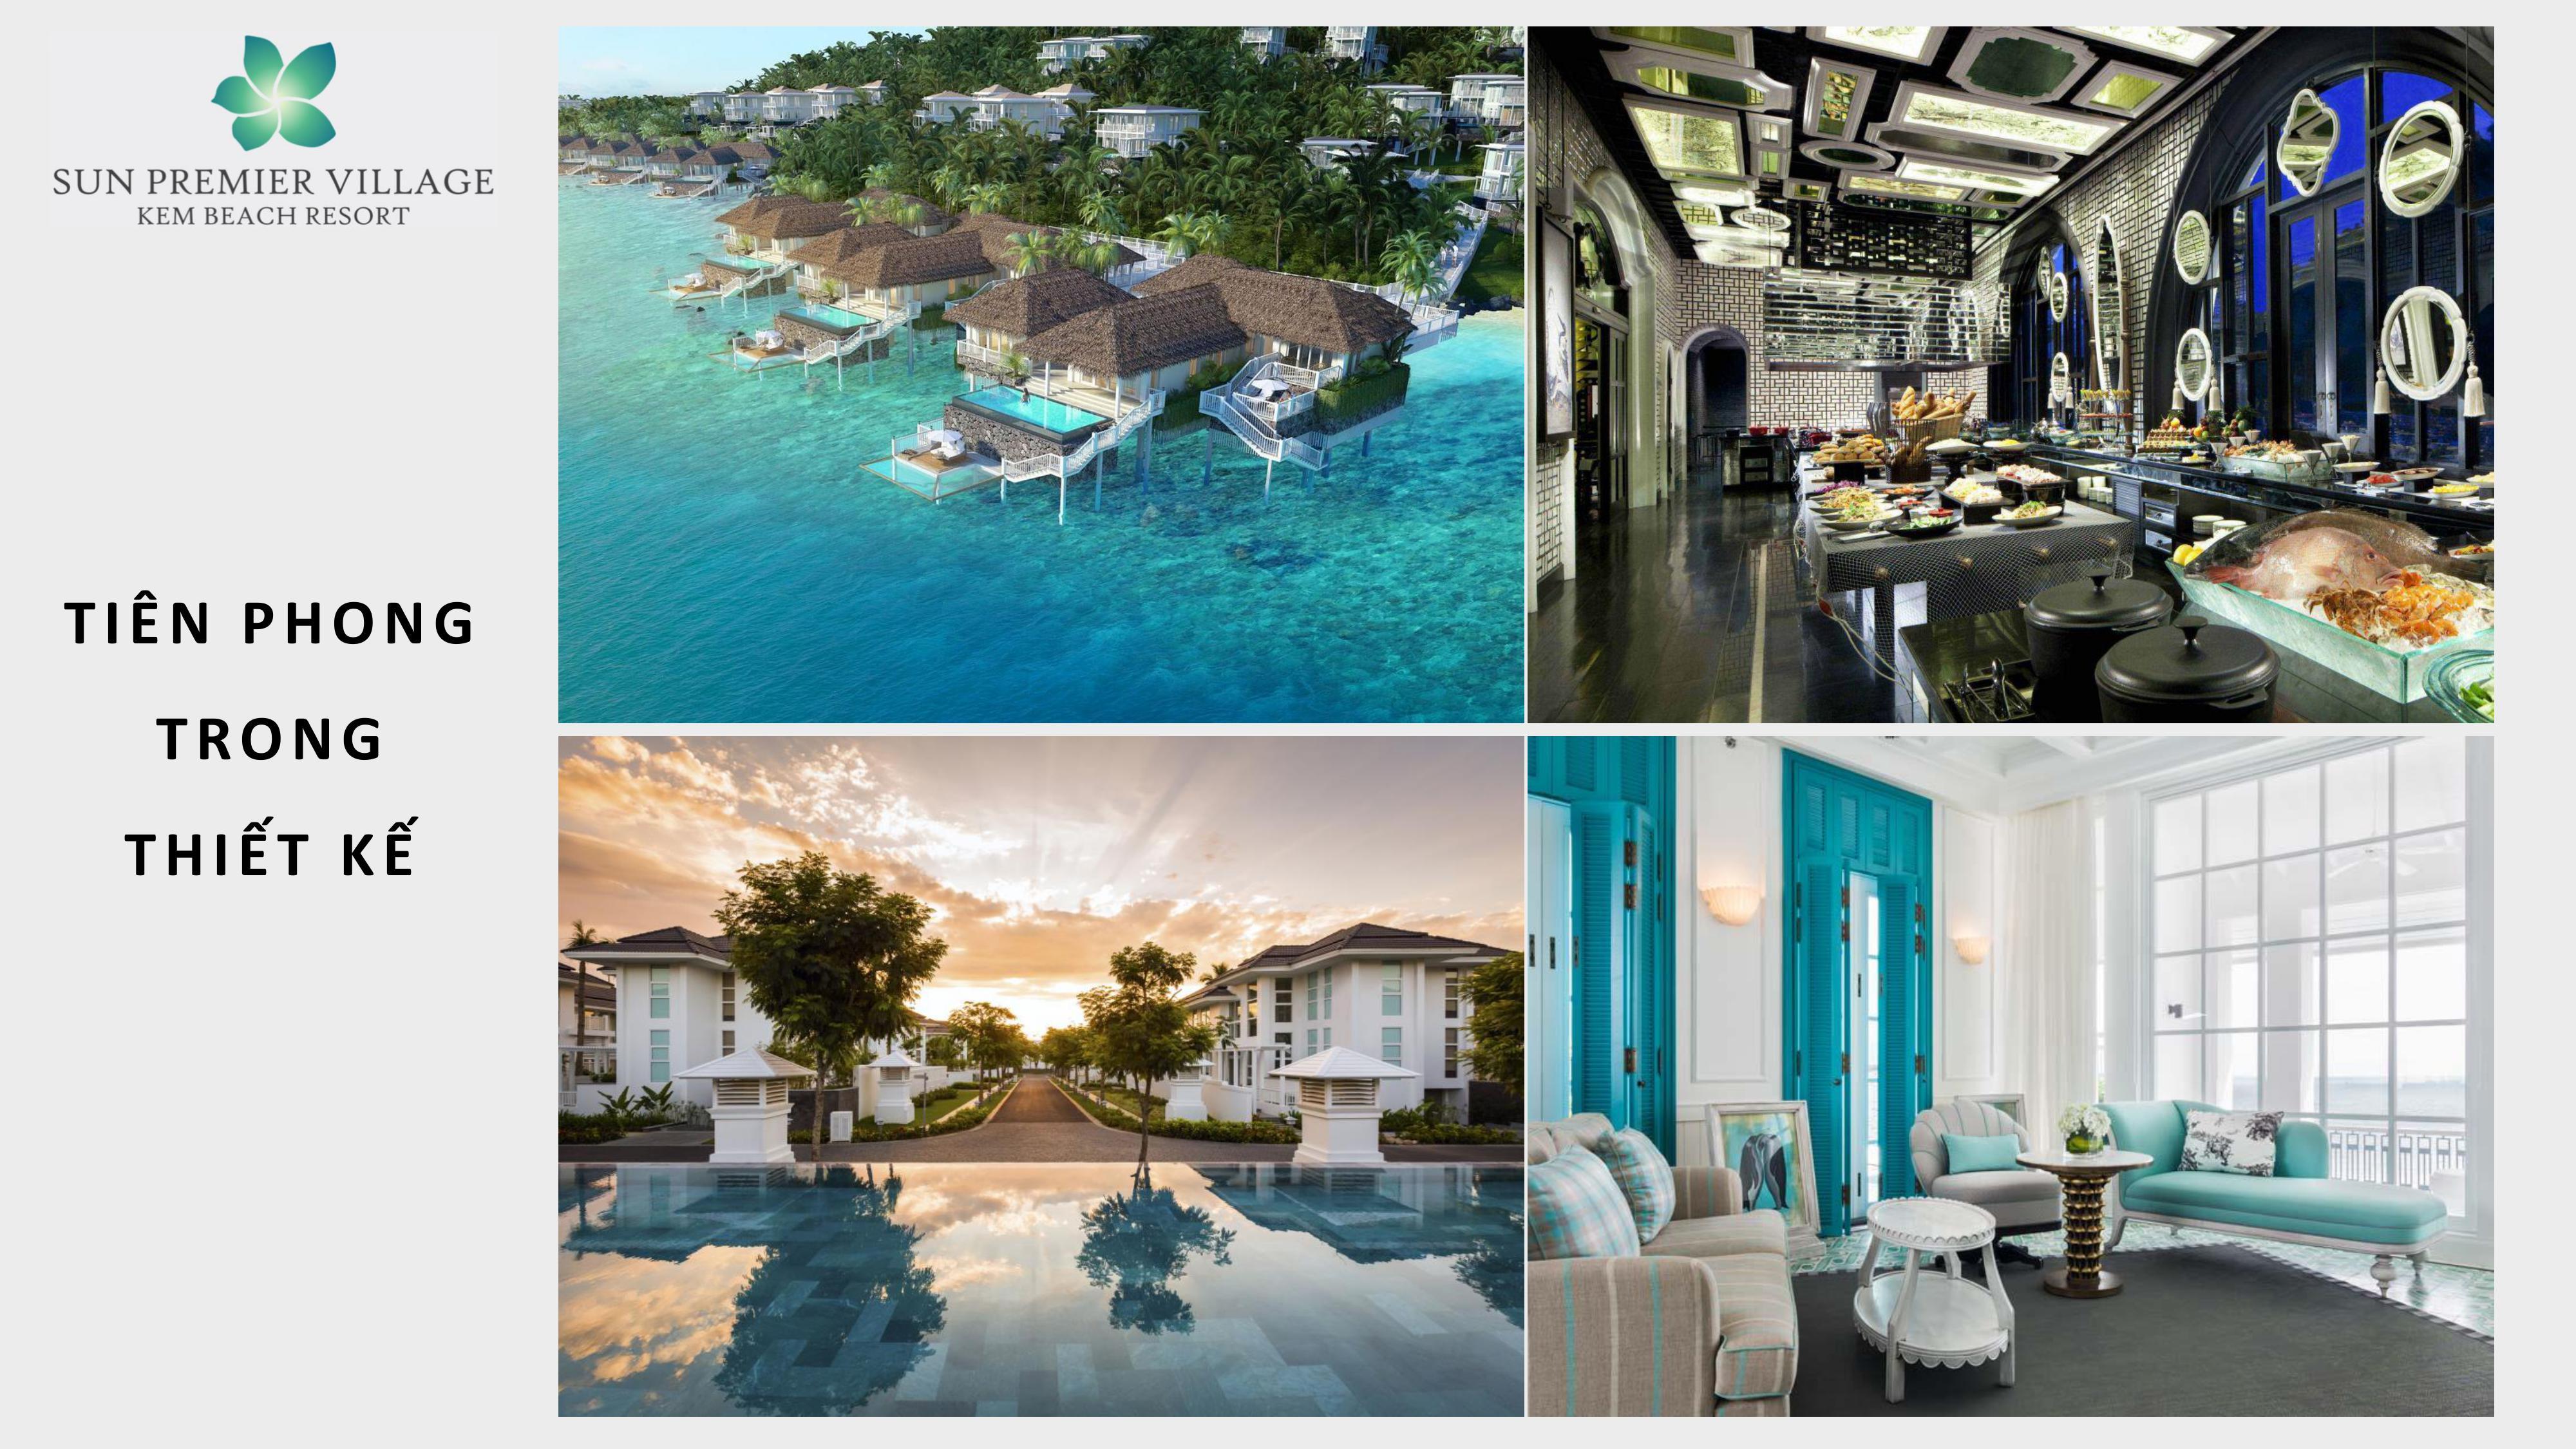 0027 - Rủi ro nào khi đầu tư vào dự án Sun Premier Village Kem Beach Resort?